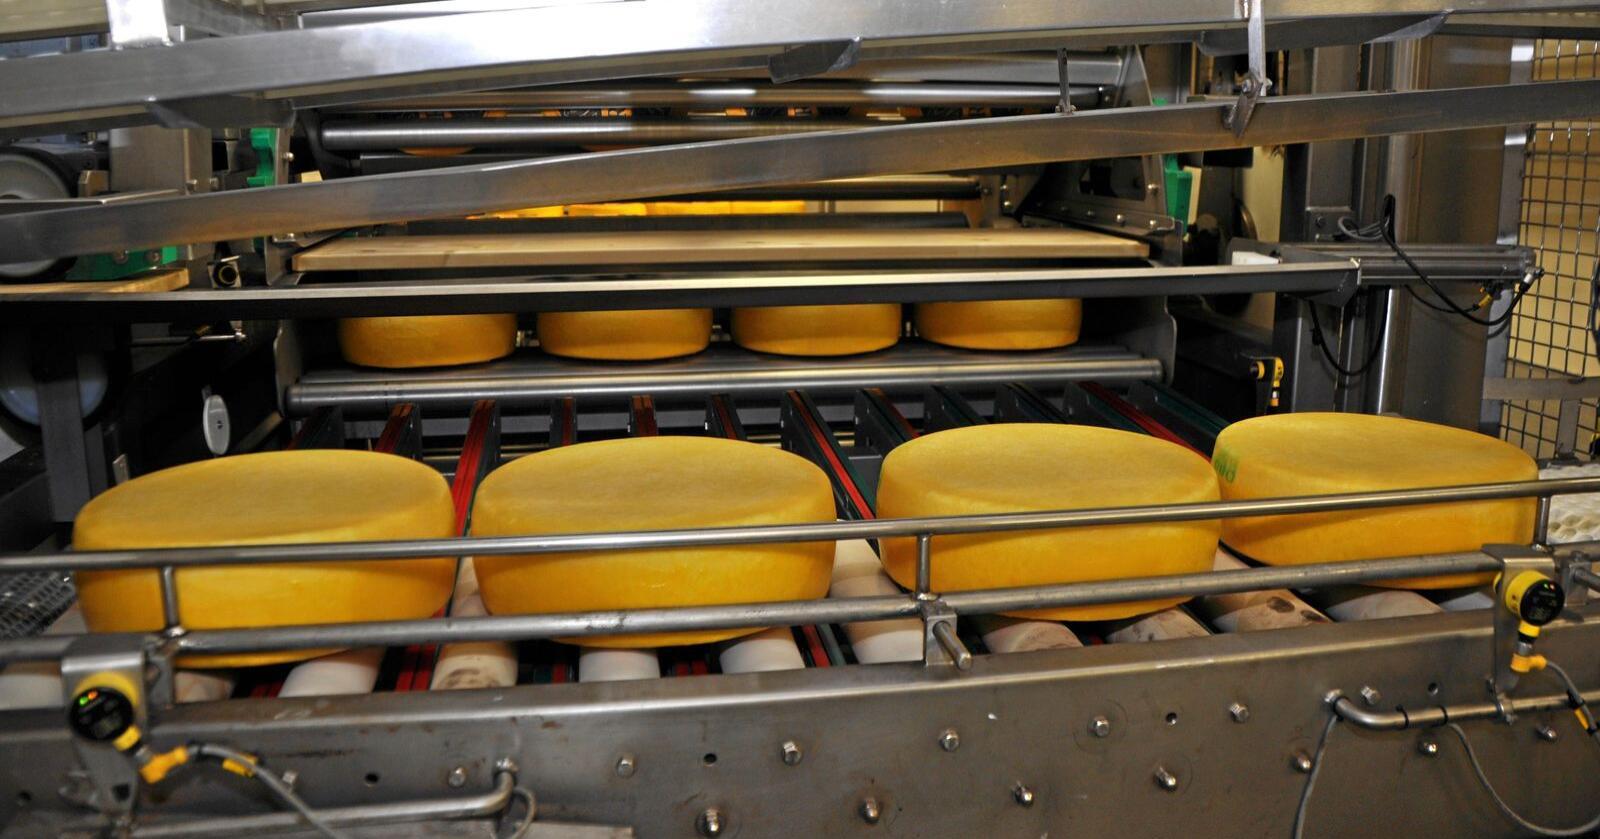 Osteeksport: Stopp for det nye Tine-meieriet i Irland i jula fører til eksport av 200 tonn Jarlsbergost frå Norge dei neste månadene. Foto: Anne Midtsæter